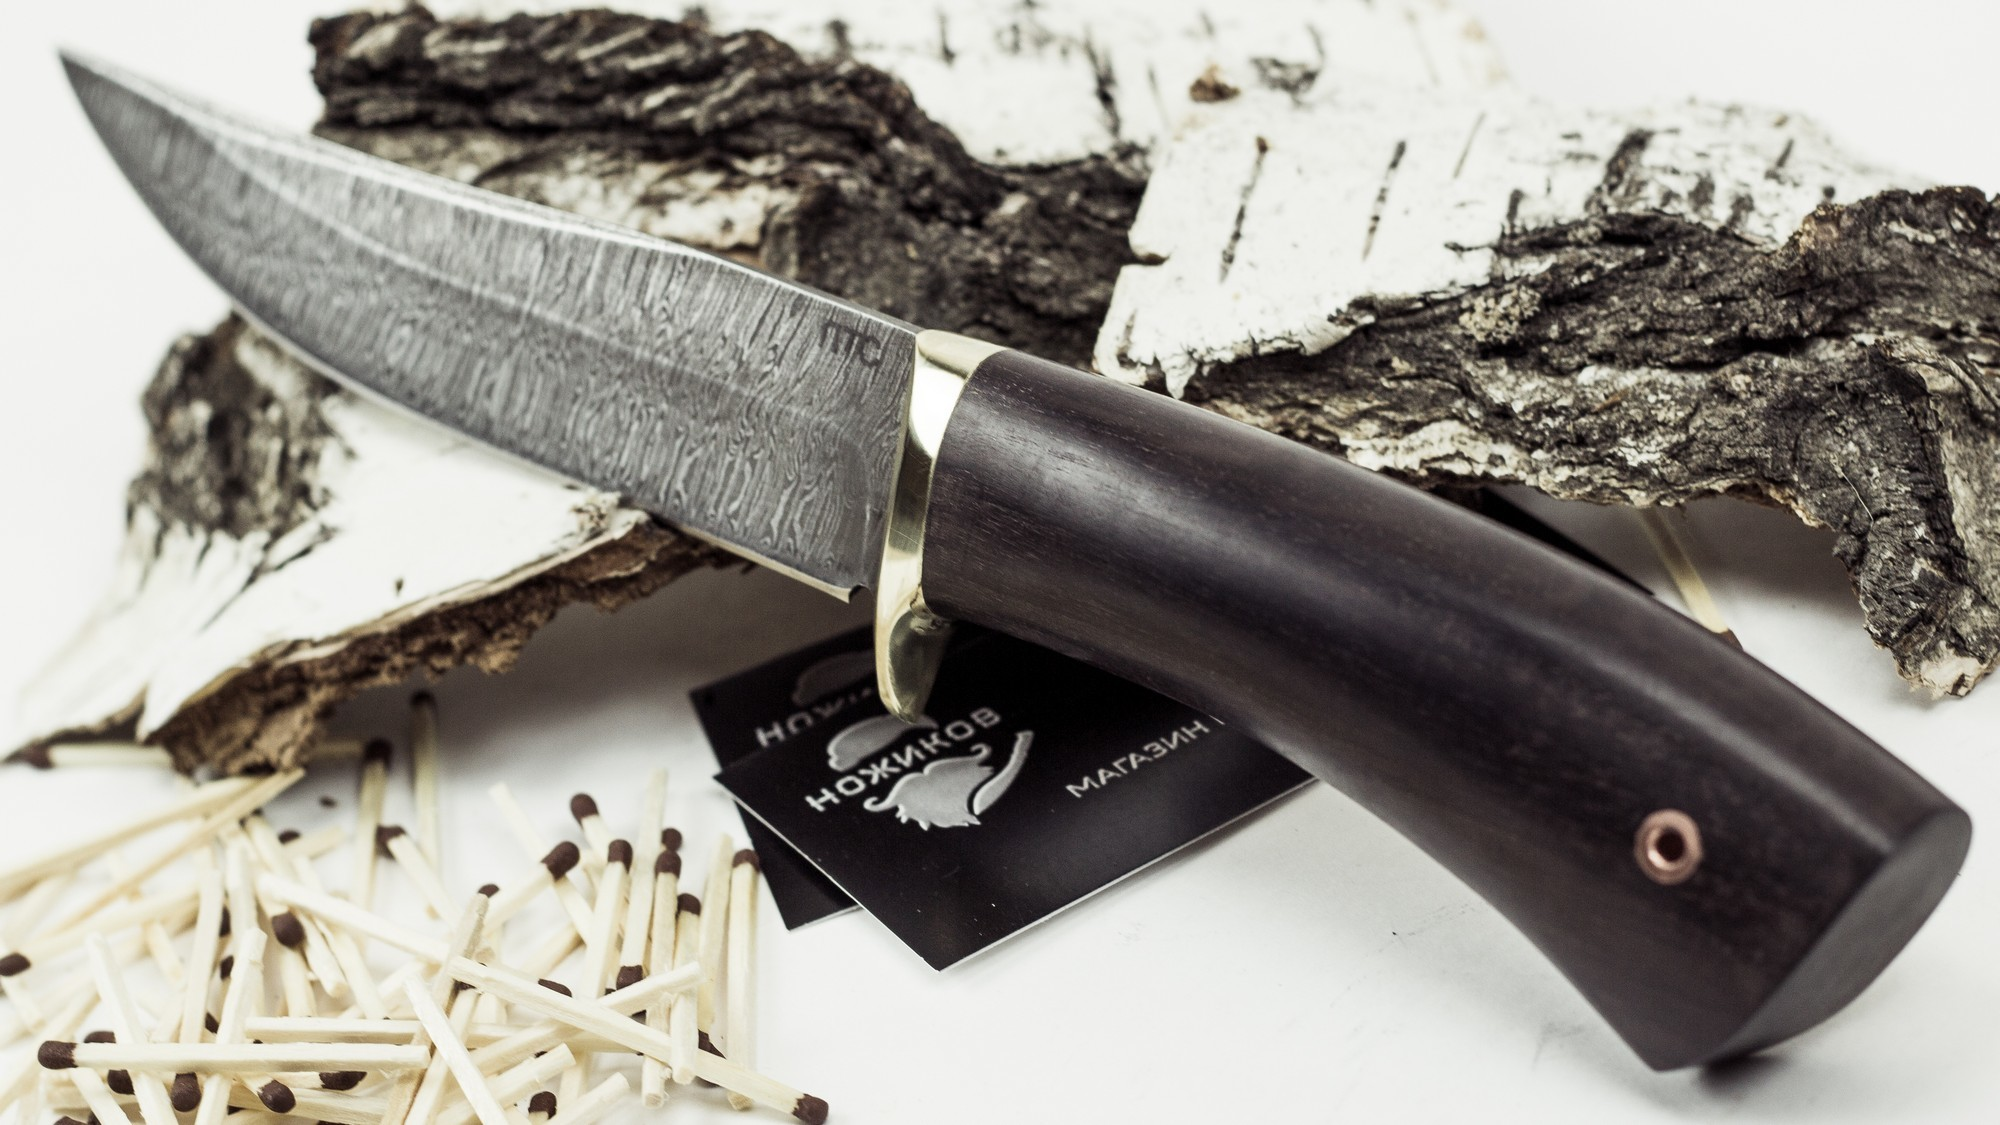 Фото 3 - Нож Лис-2, дамасская сталь от Промтехснаб